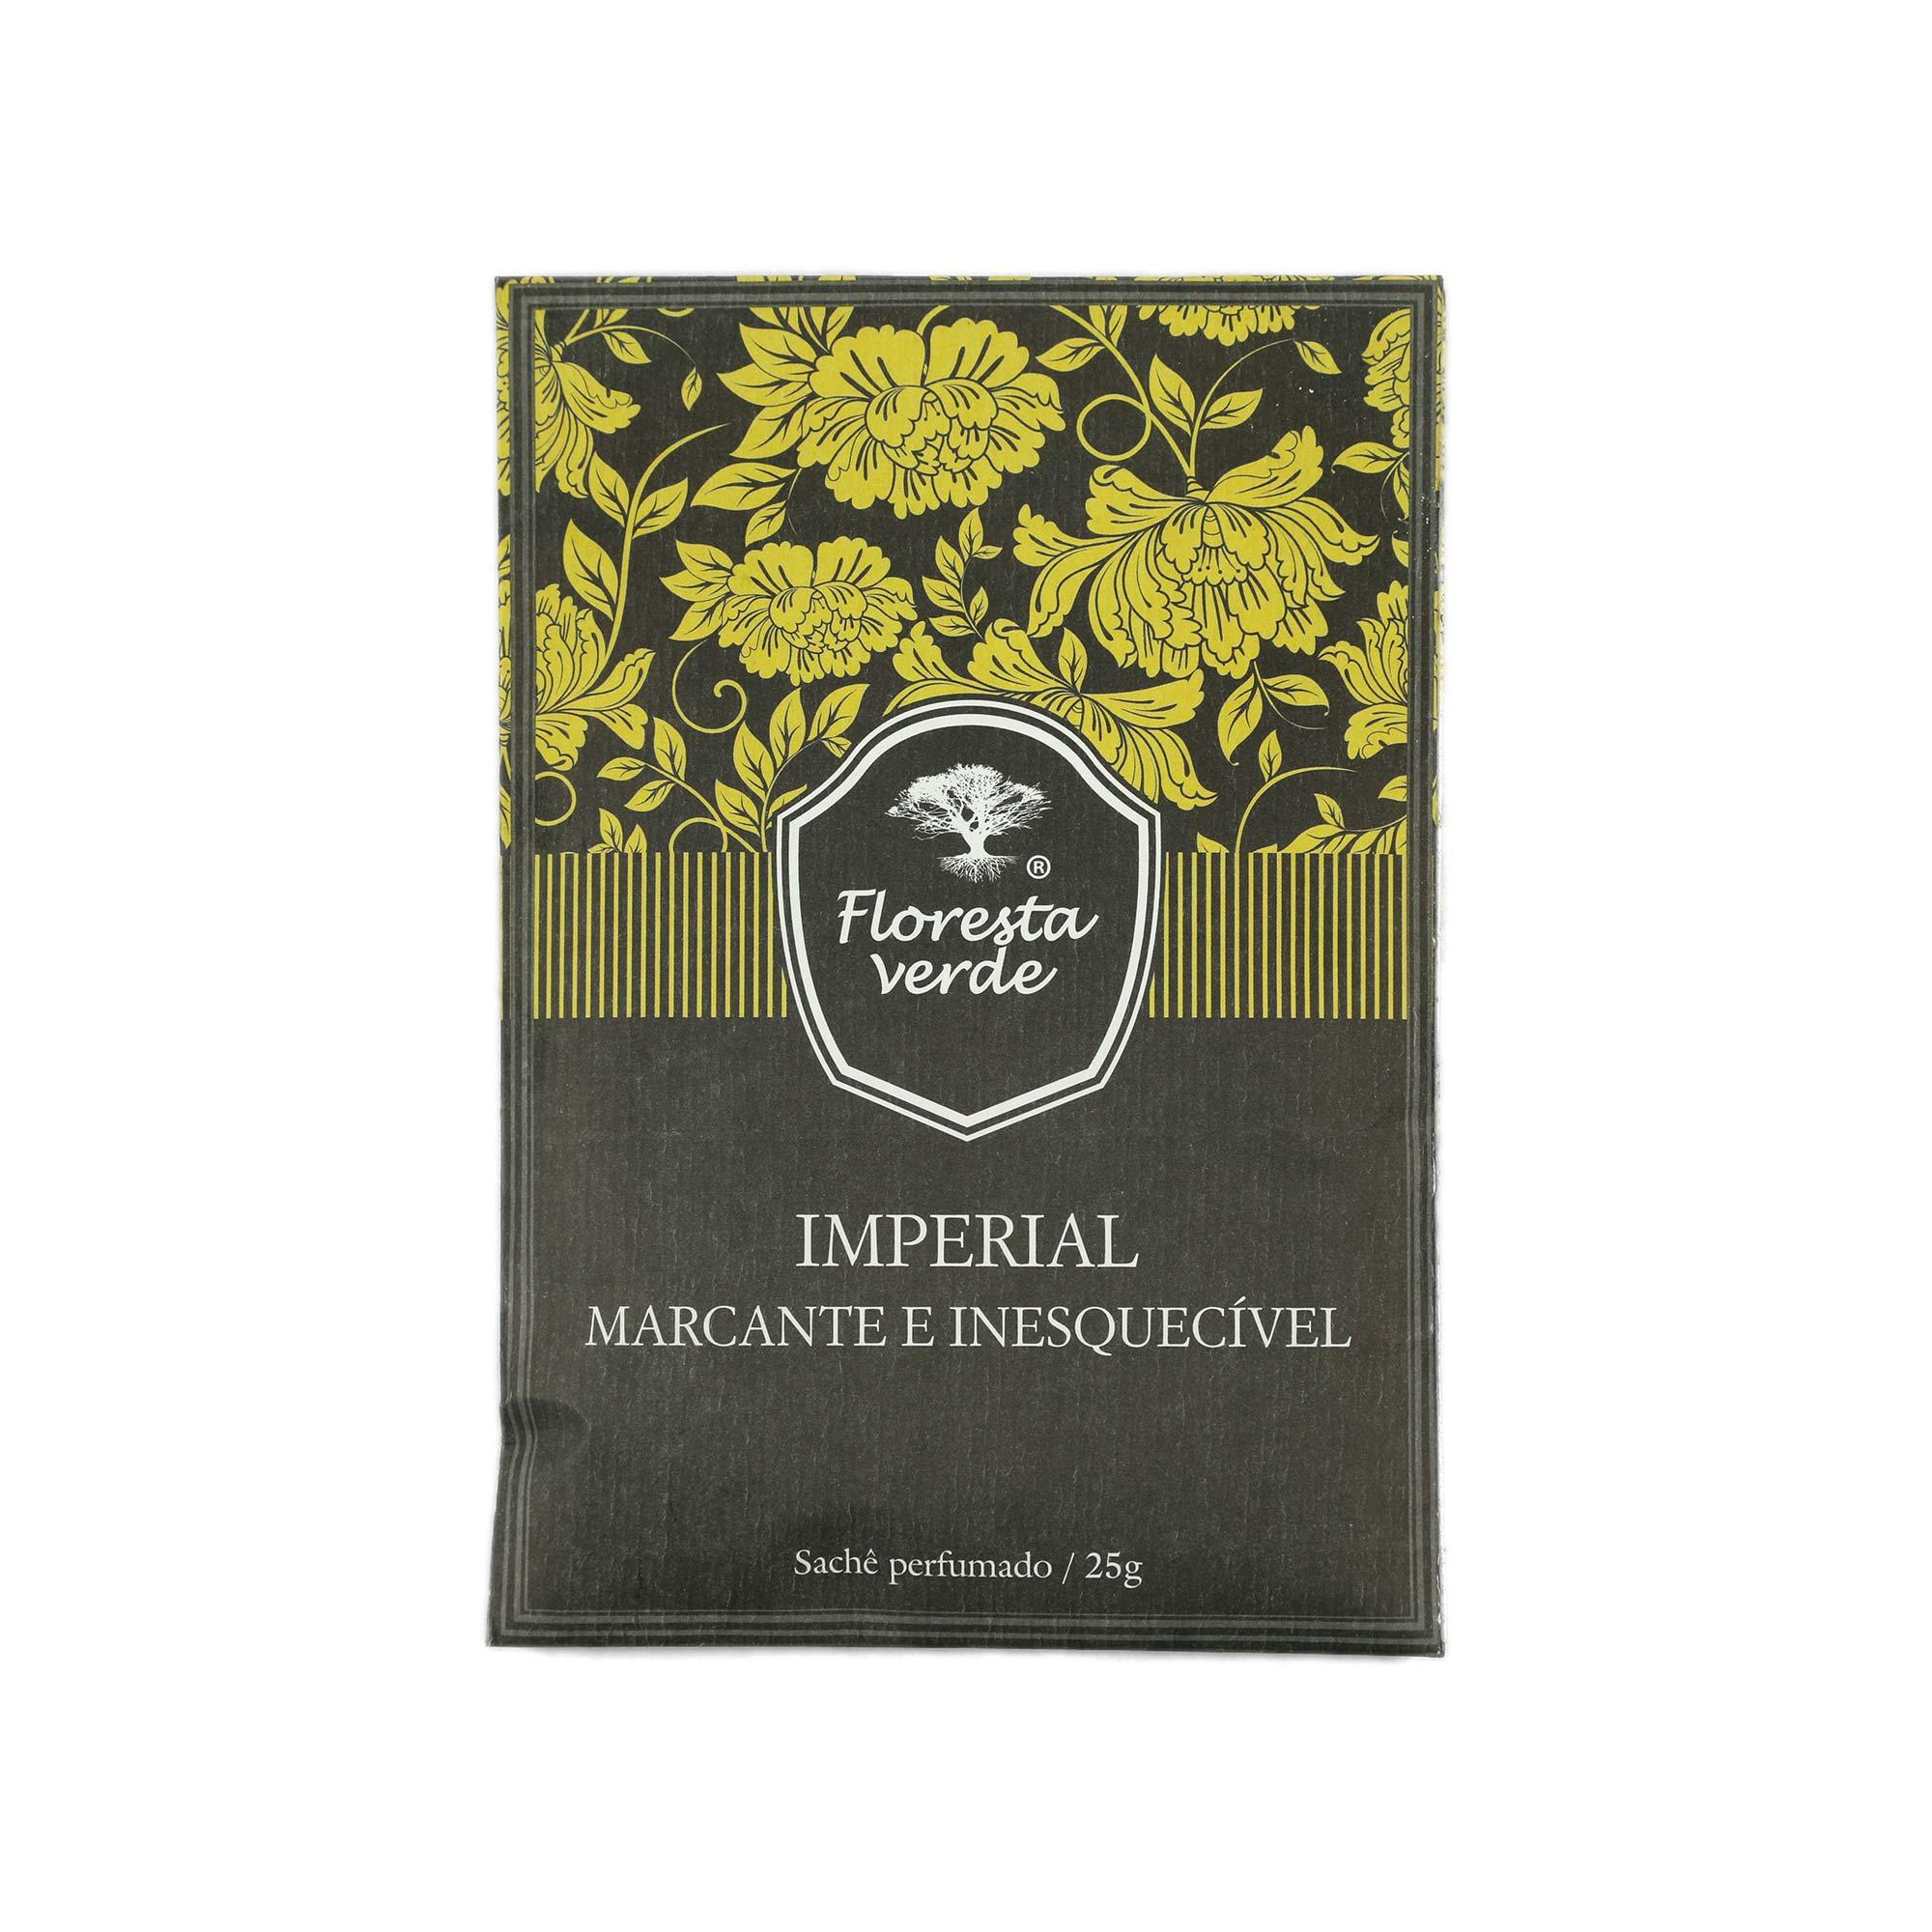 Sachê perfumado  25 g